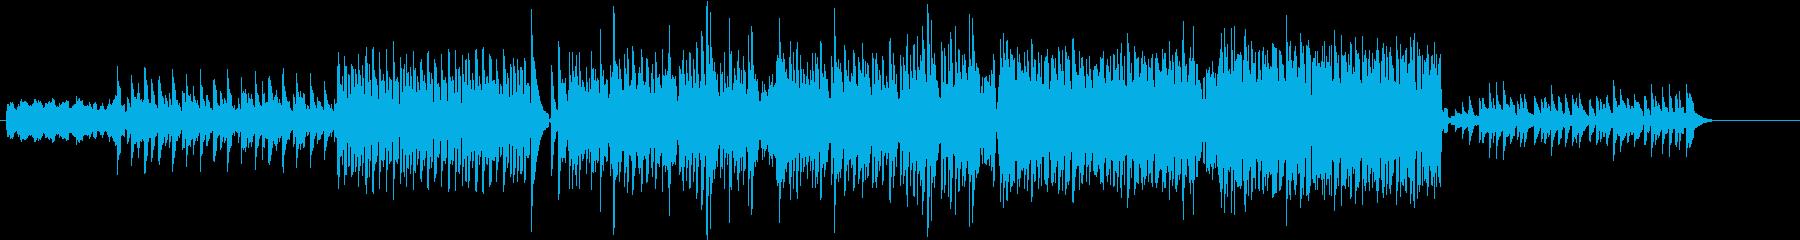 ピアノ系EDM、相当上がる曲の再生済みの波形